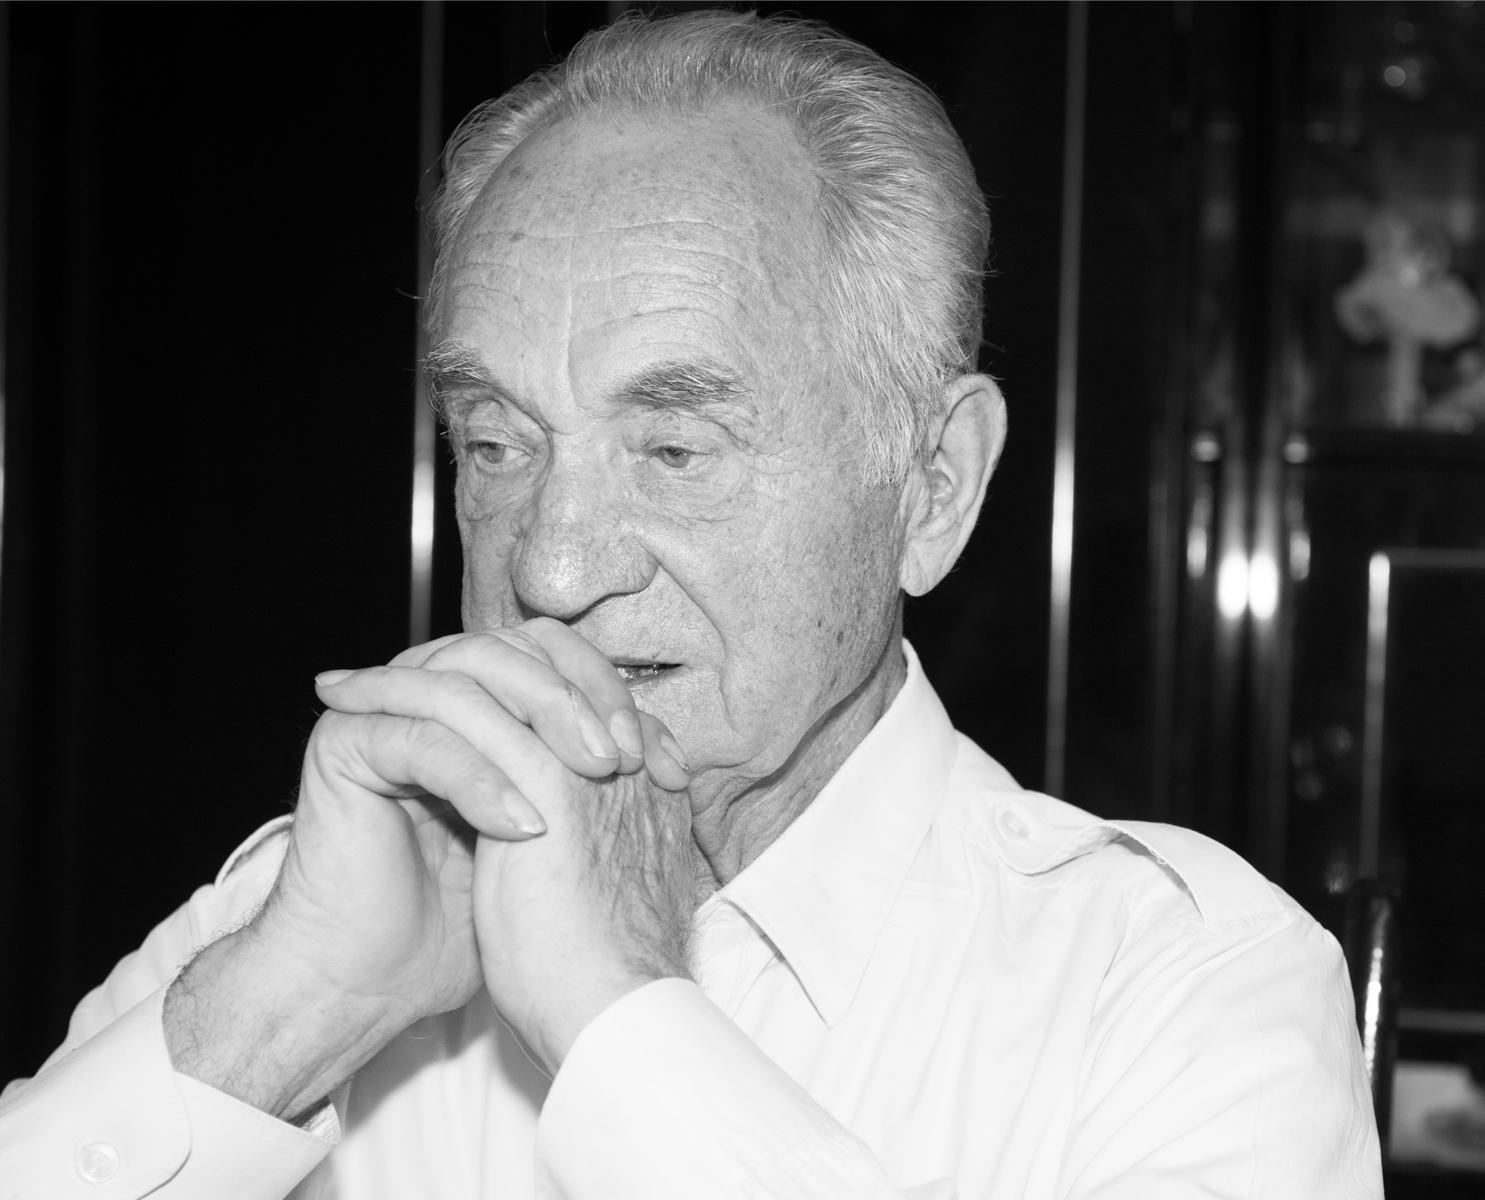 Anatoly Grigoryevich Merezhko